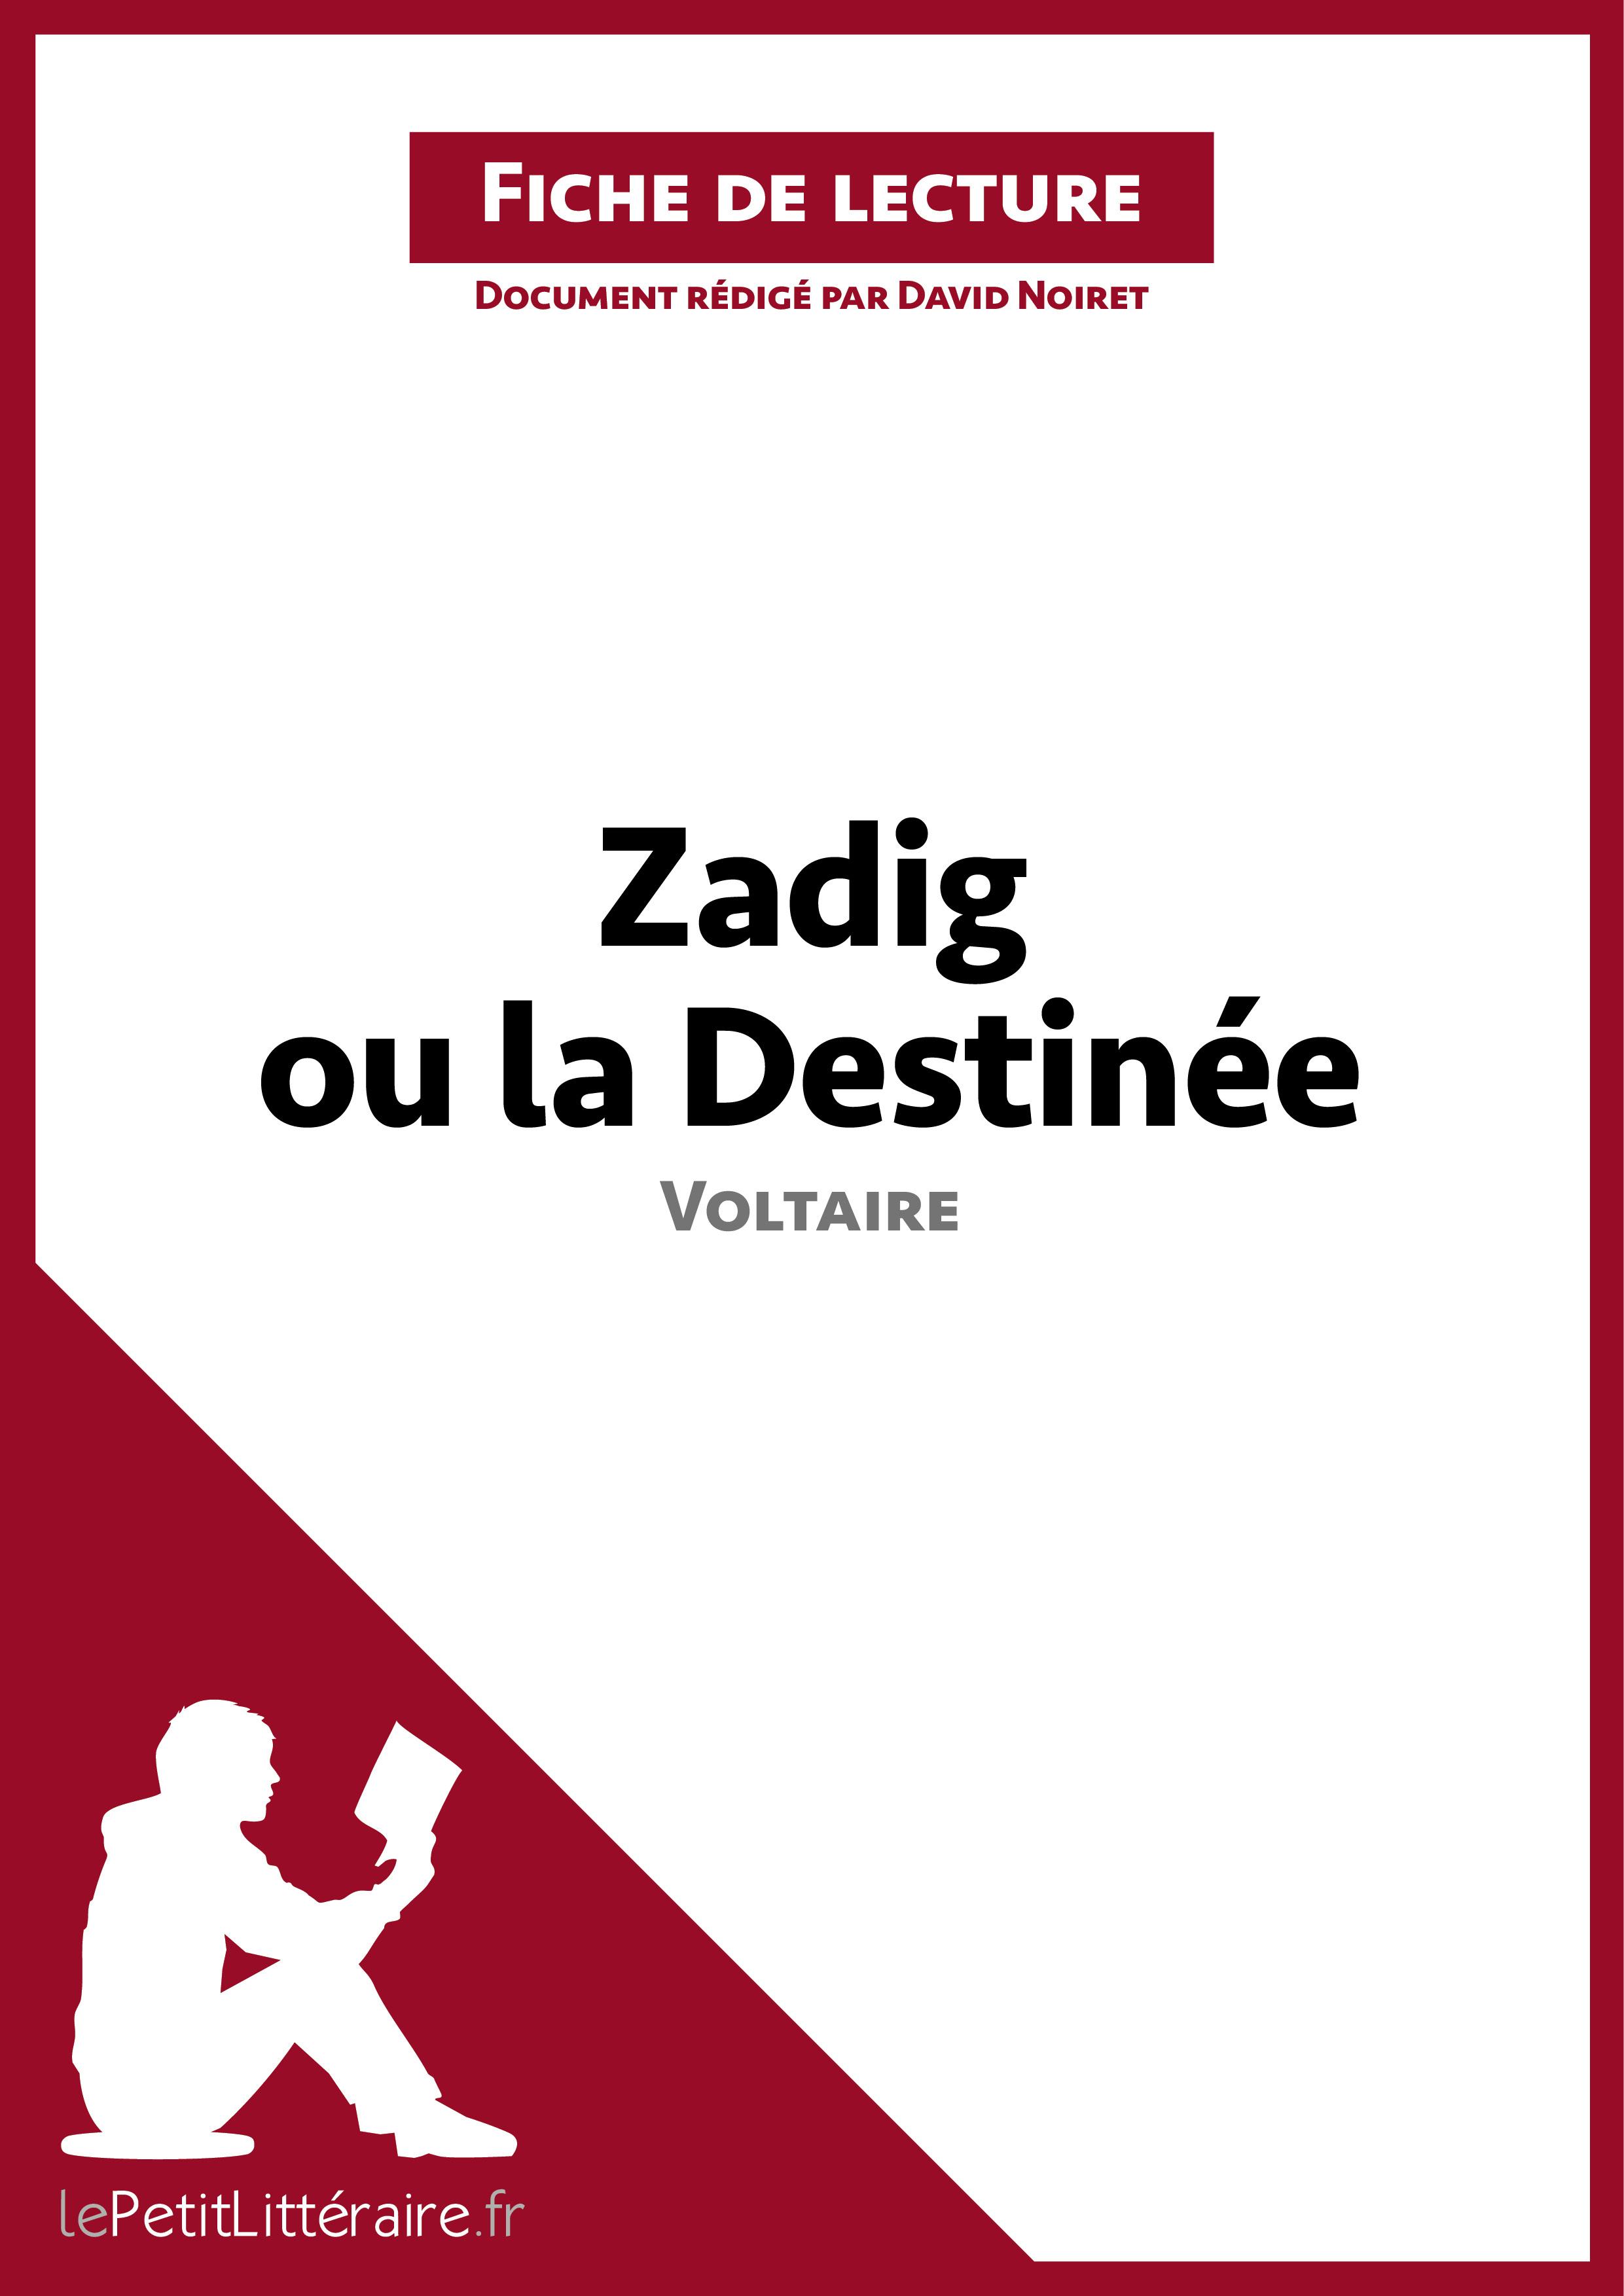 PDF MUSSO JE CHERCHER GRATUIT TÉLÉCHARGER TE GUILLAUME REVIENS